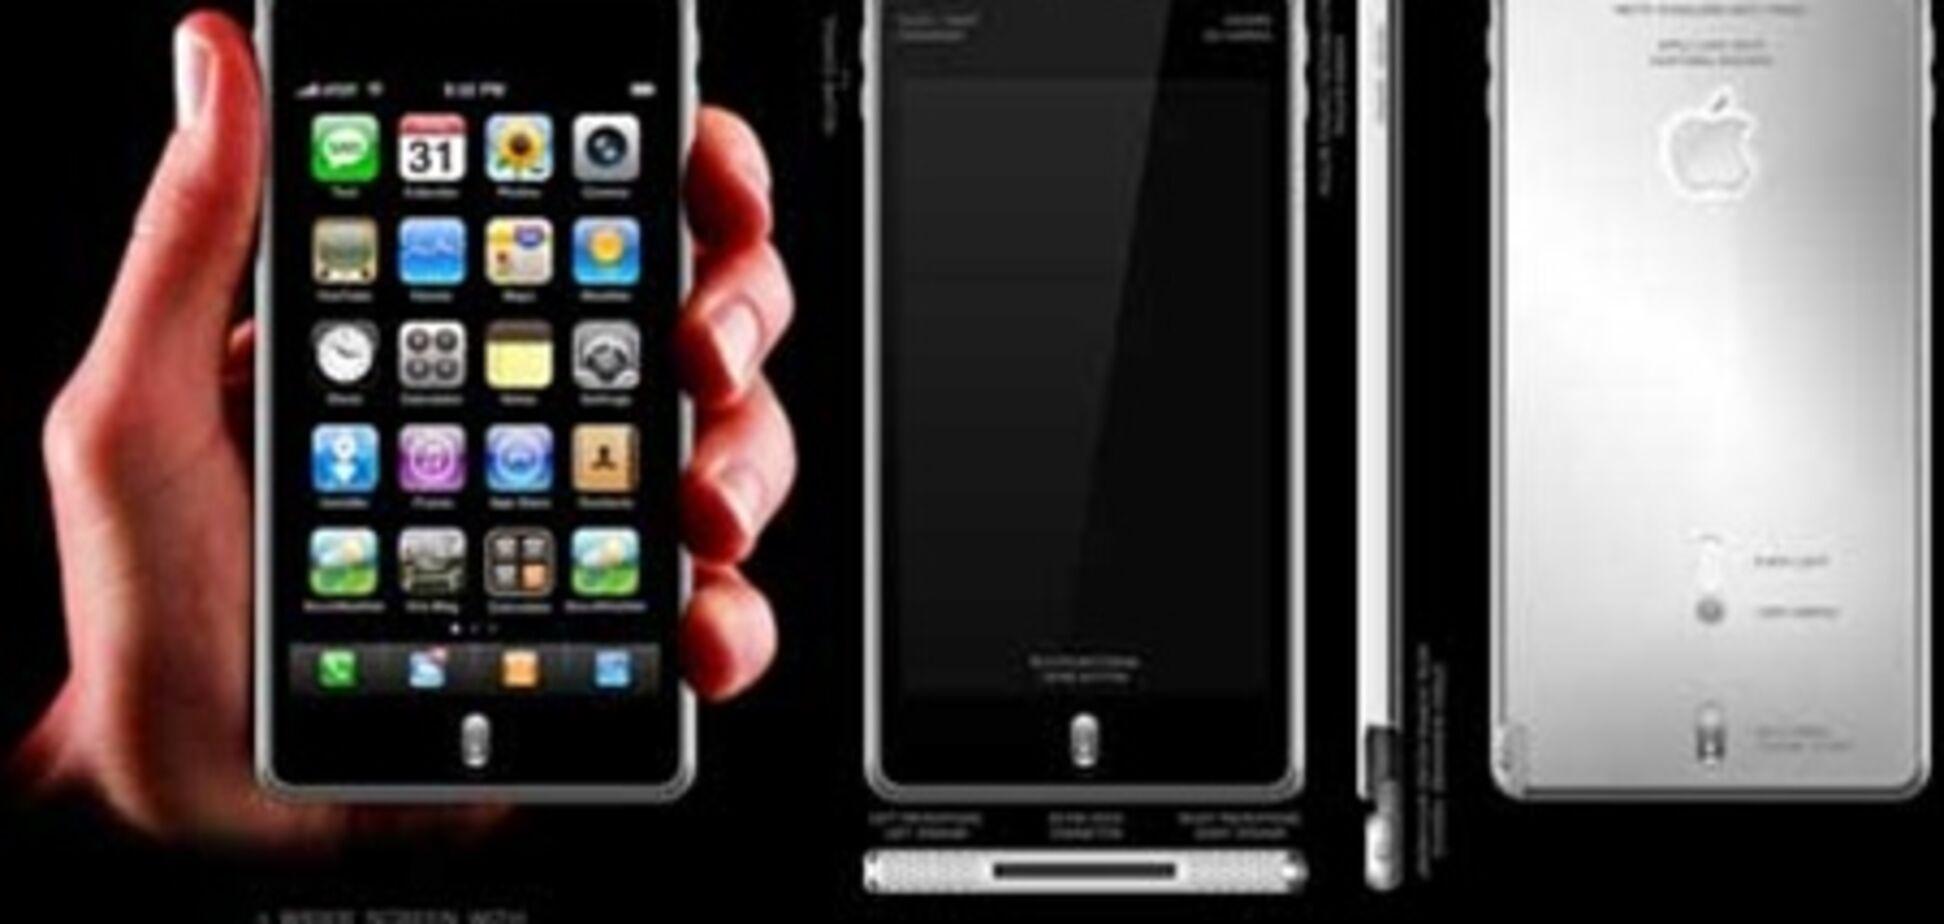 Треть американцев у же готовятся к покупке iPhone нового поколения